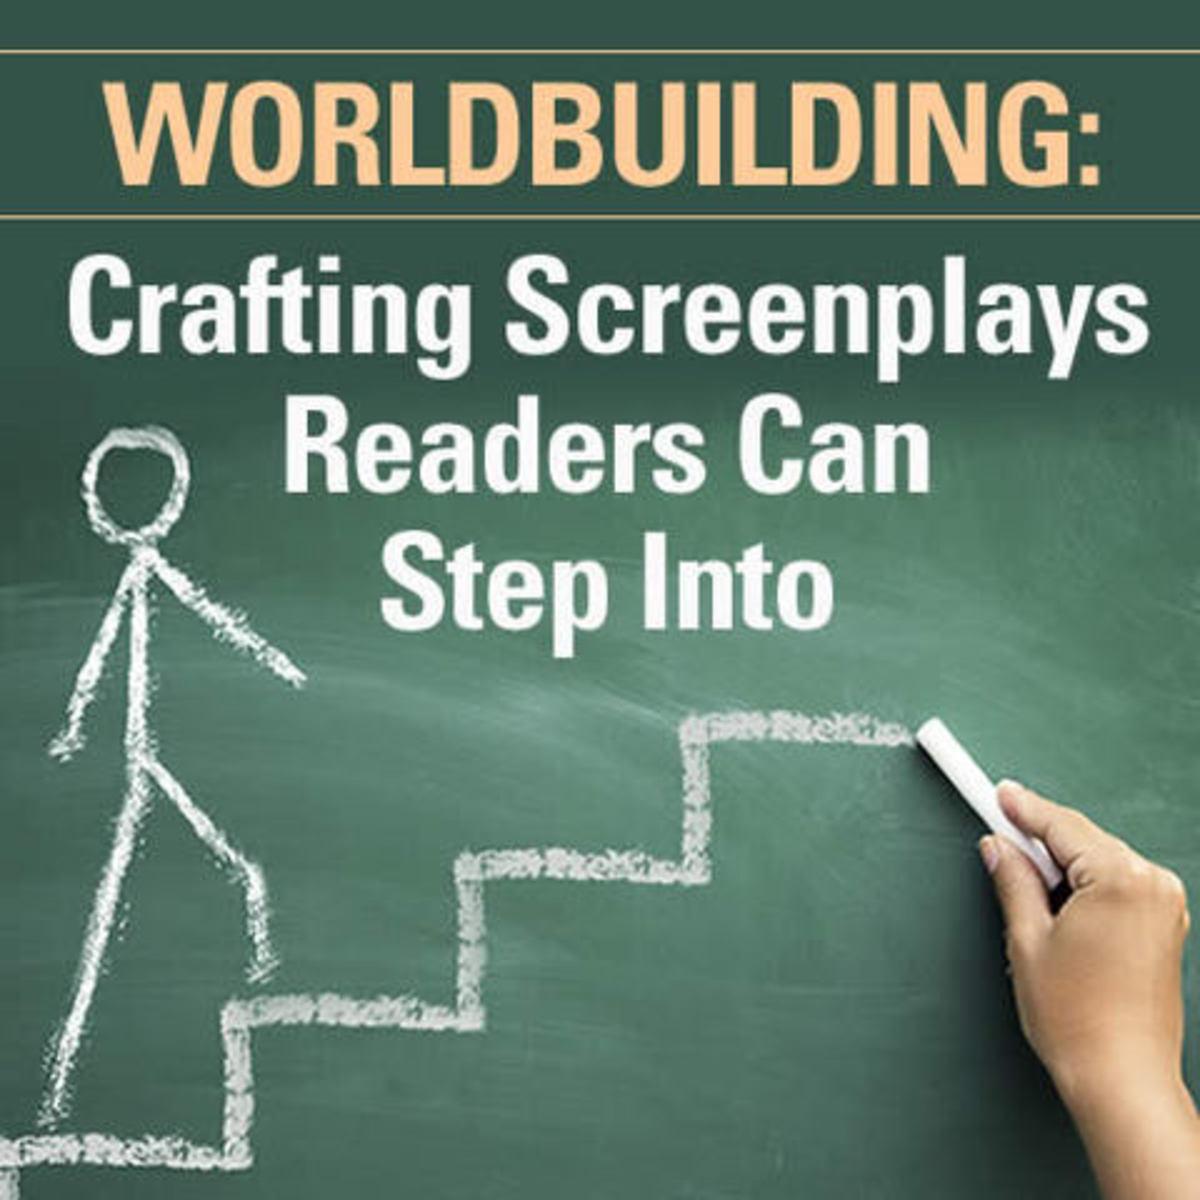 Sign up for Susan's webinar on wordbuilding!